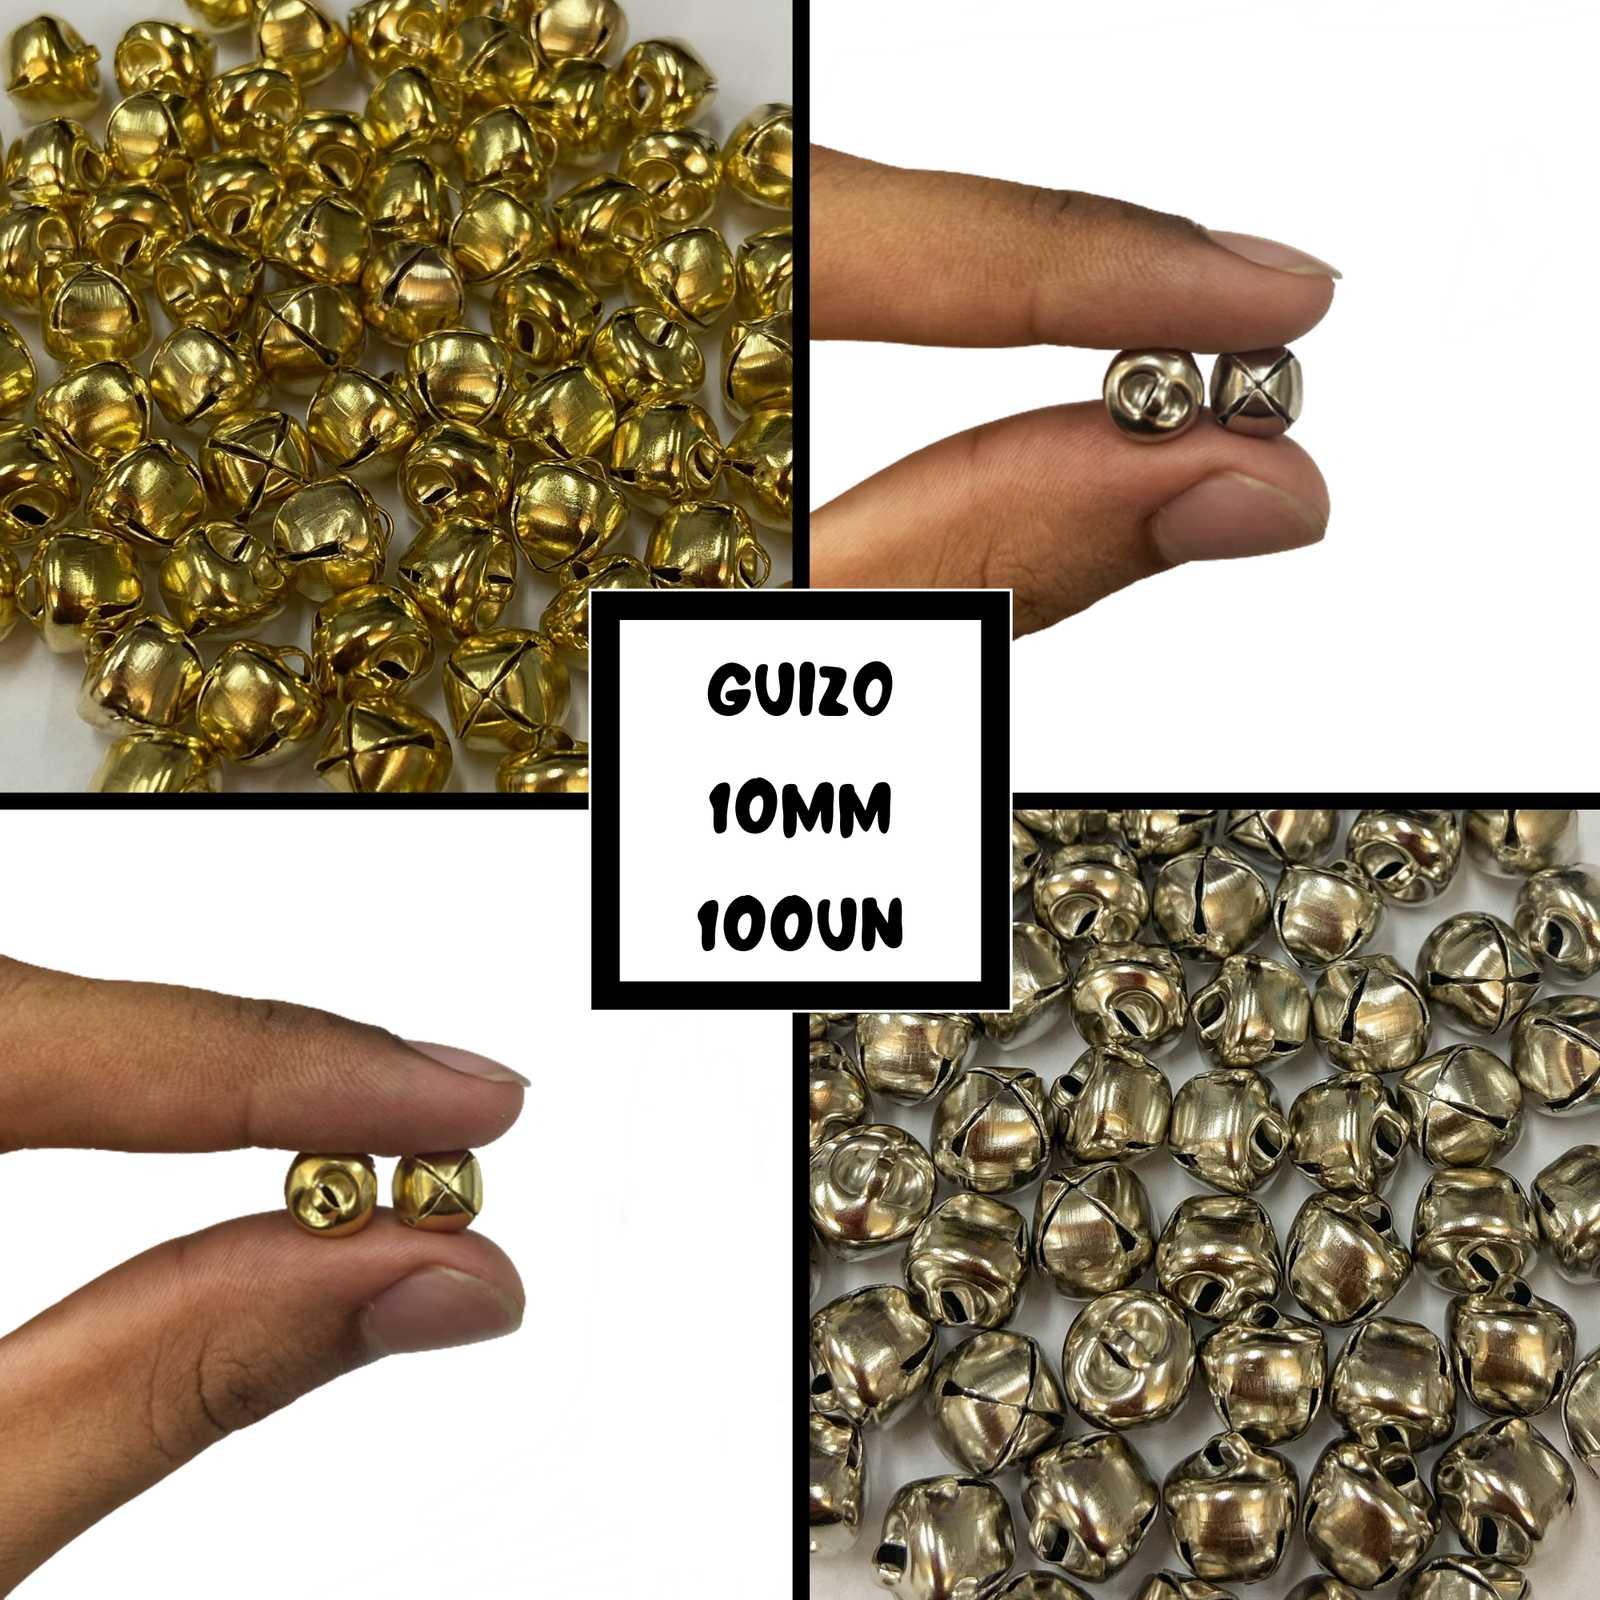 Guizo 10mm - 100 pçs